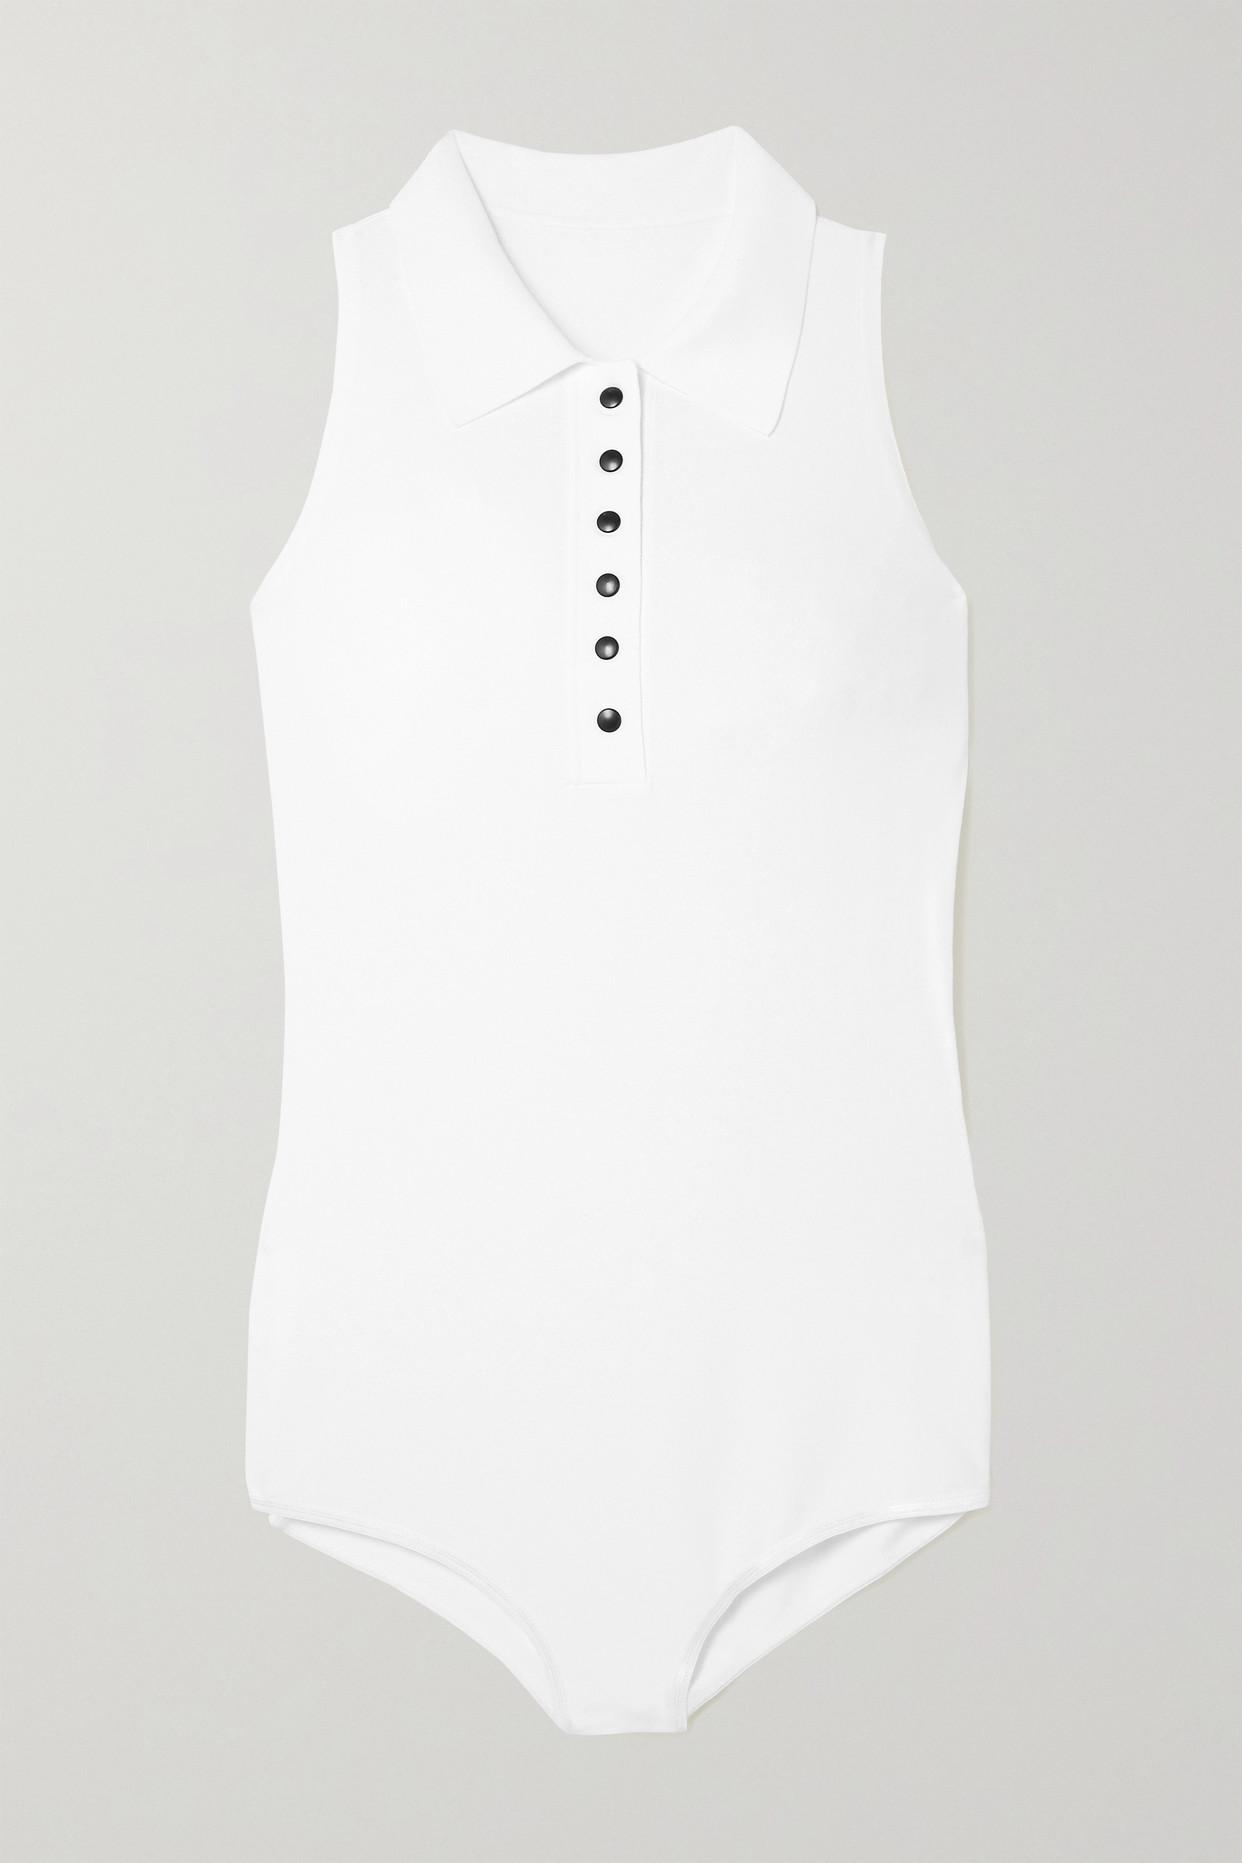 ALAÏA - Stretch-knit Bodysuit - White - FR36